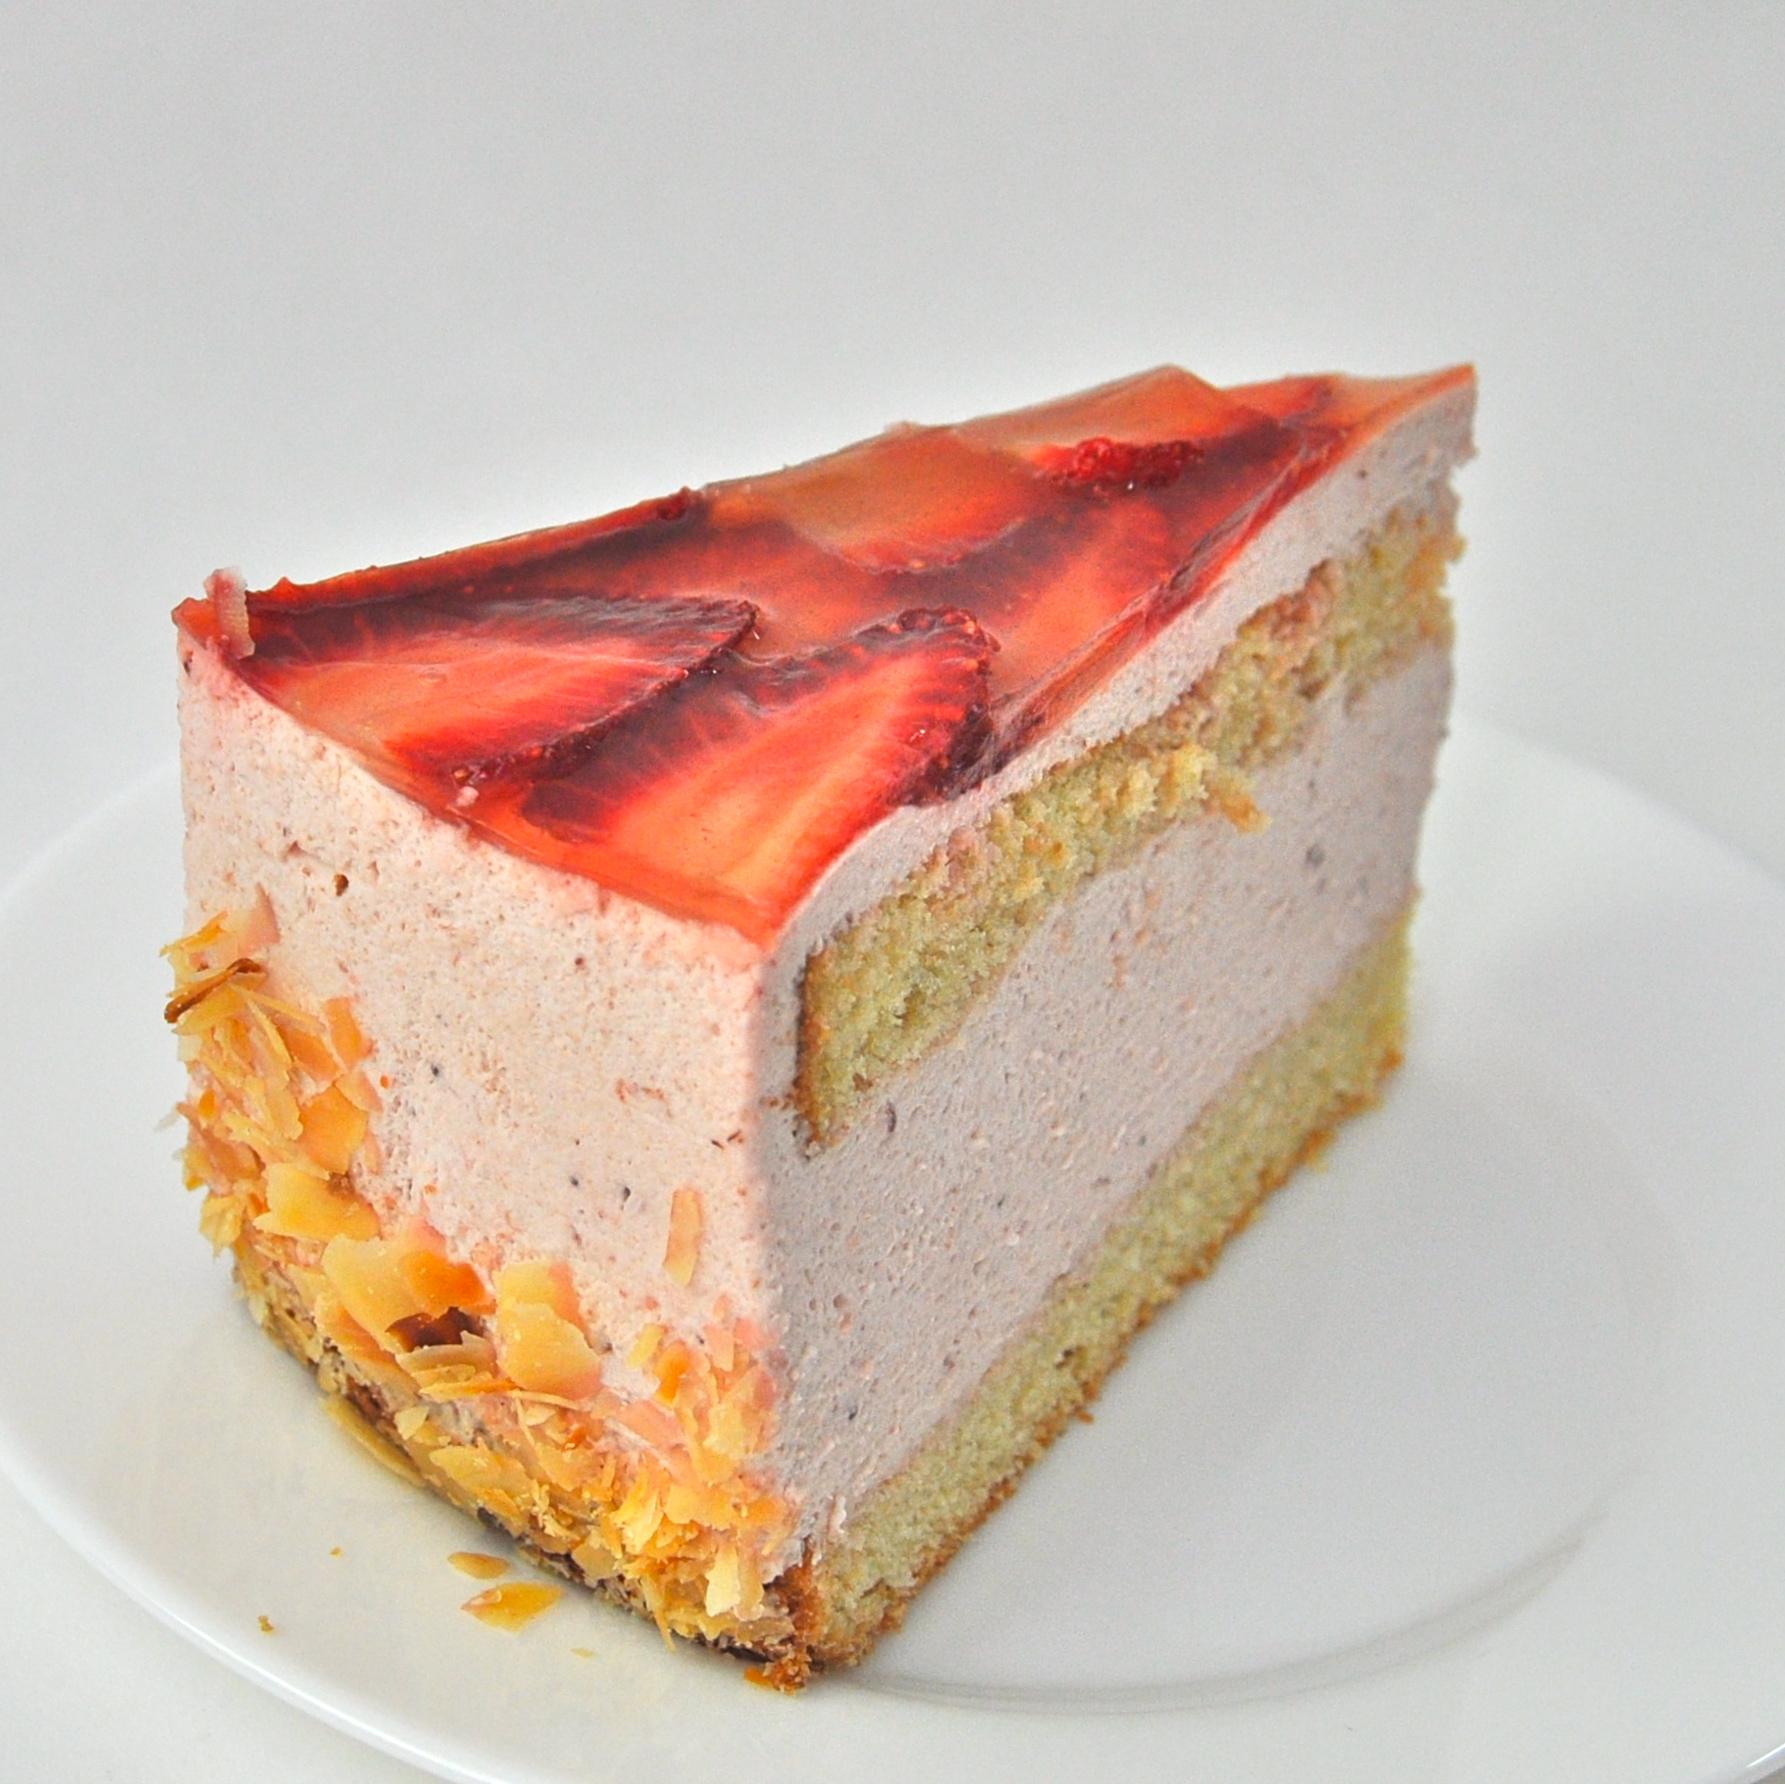 Eis-Voh-glutenfrei-Kuchen-Erdbeer-Sahne-Torte